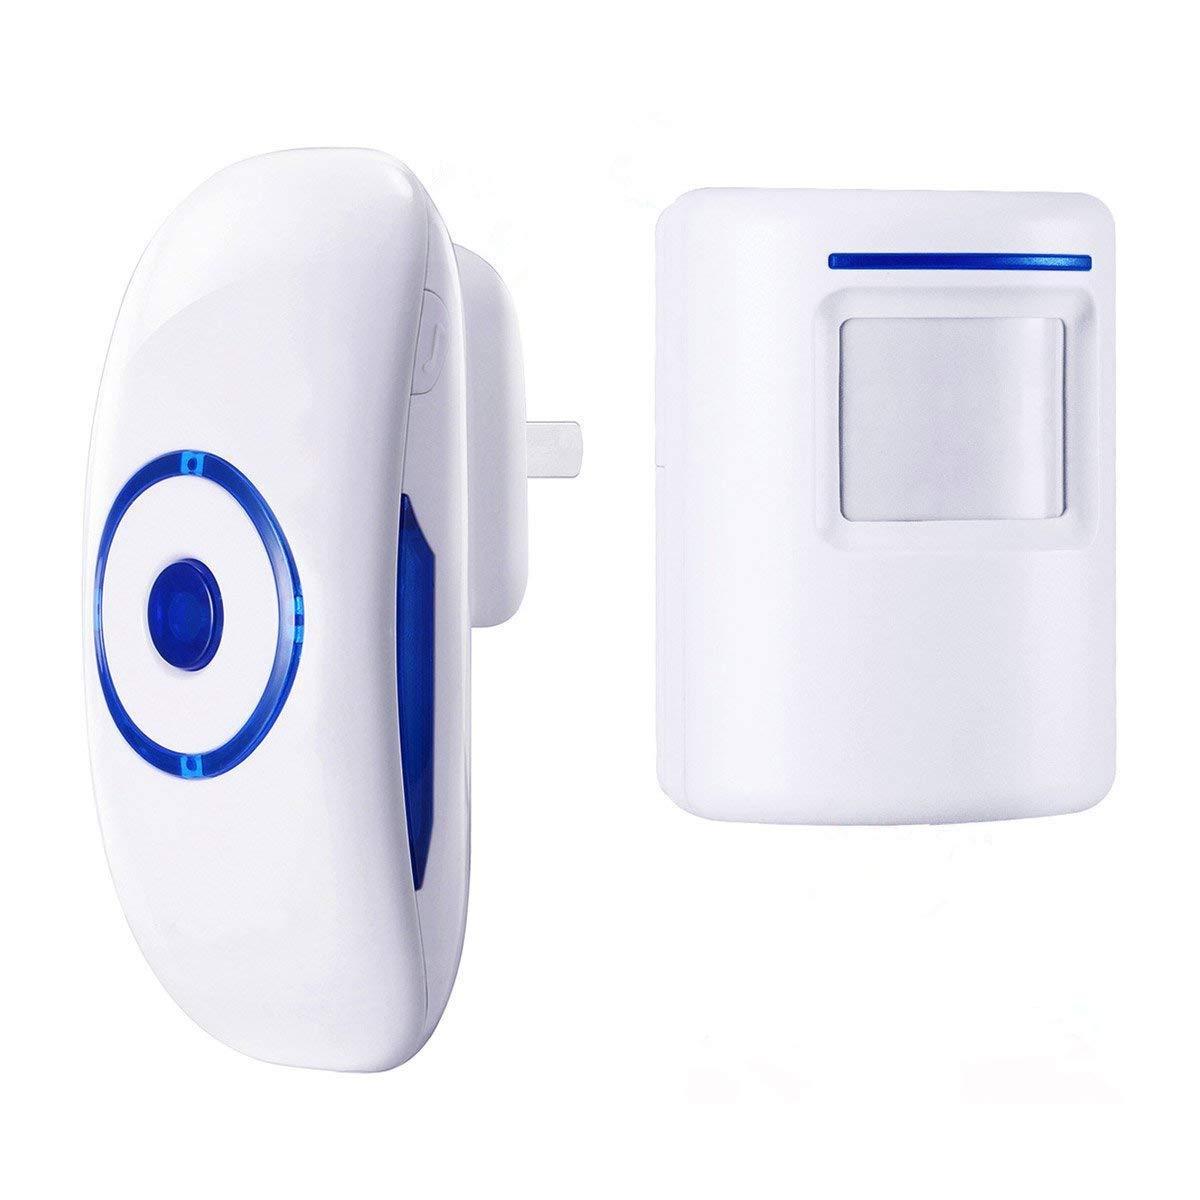 ESPOW Doorbell Chime, Wireless doorbell,Motion Sensor Detector Door Bell 36 Chime Tunes with 1000 Feet Operating Range, 1 Plug-in Receiver, 1 Magnetic Door Chime Sensor